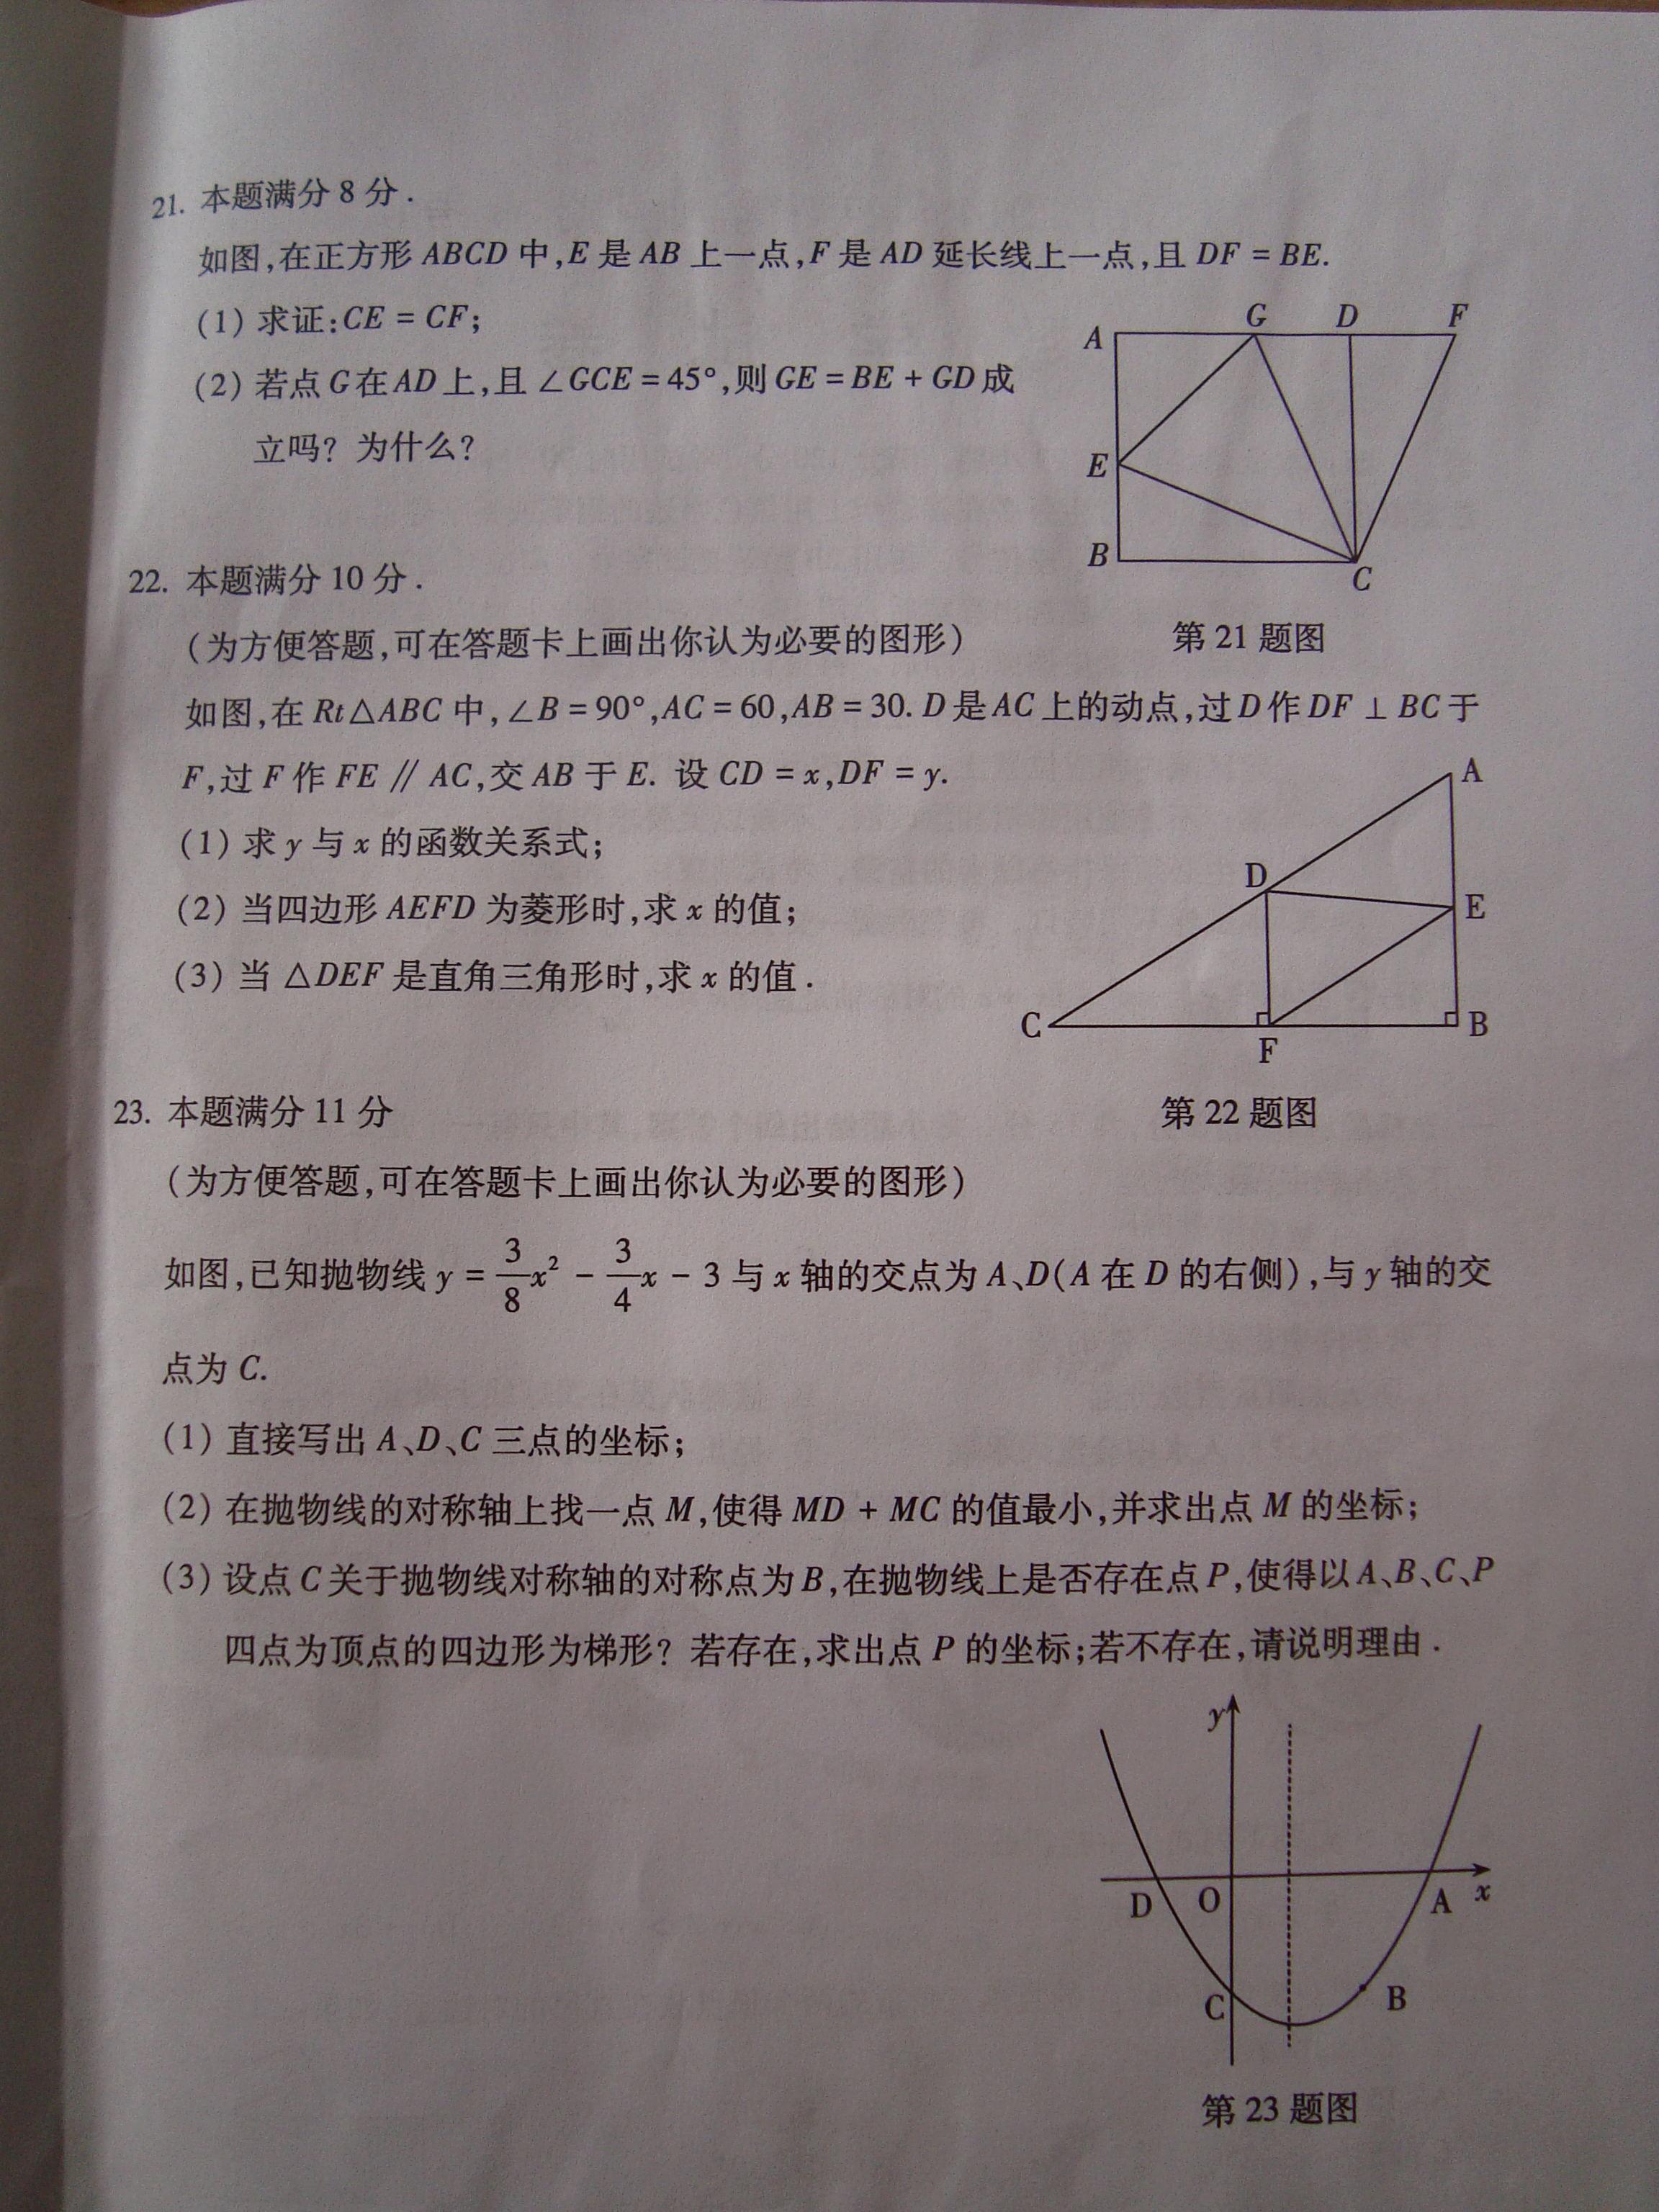 2014梅州中考数学试题及答案(图片版及word版)